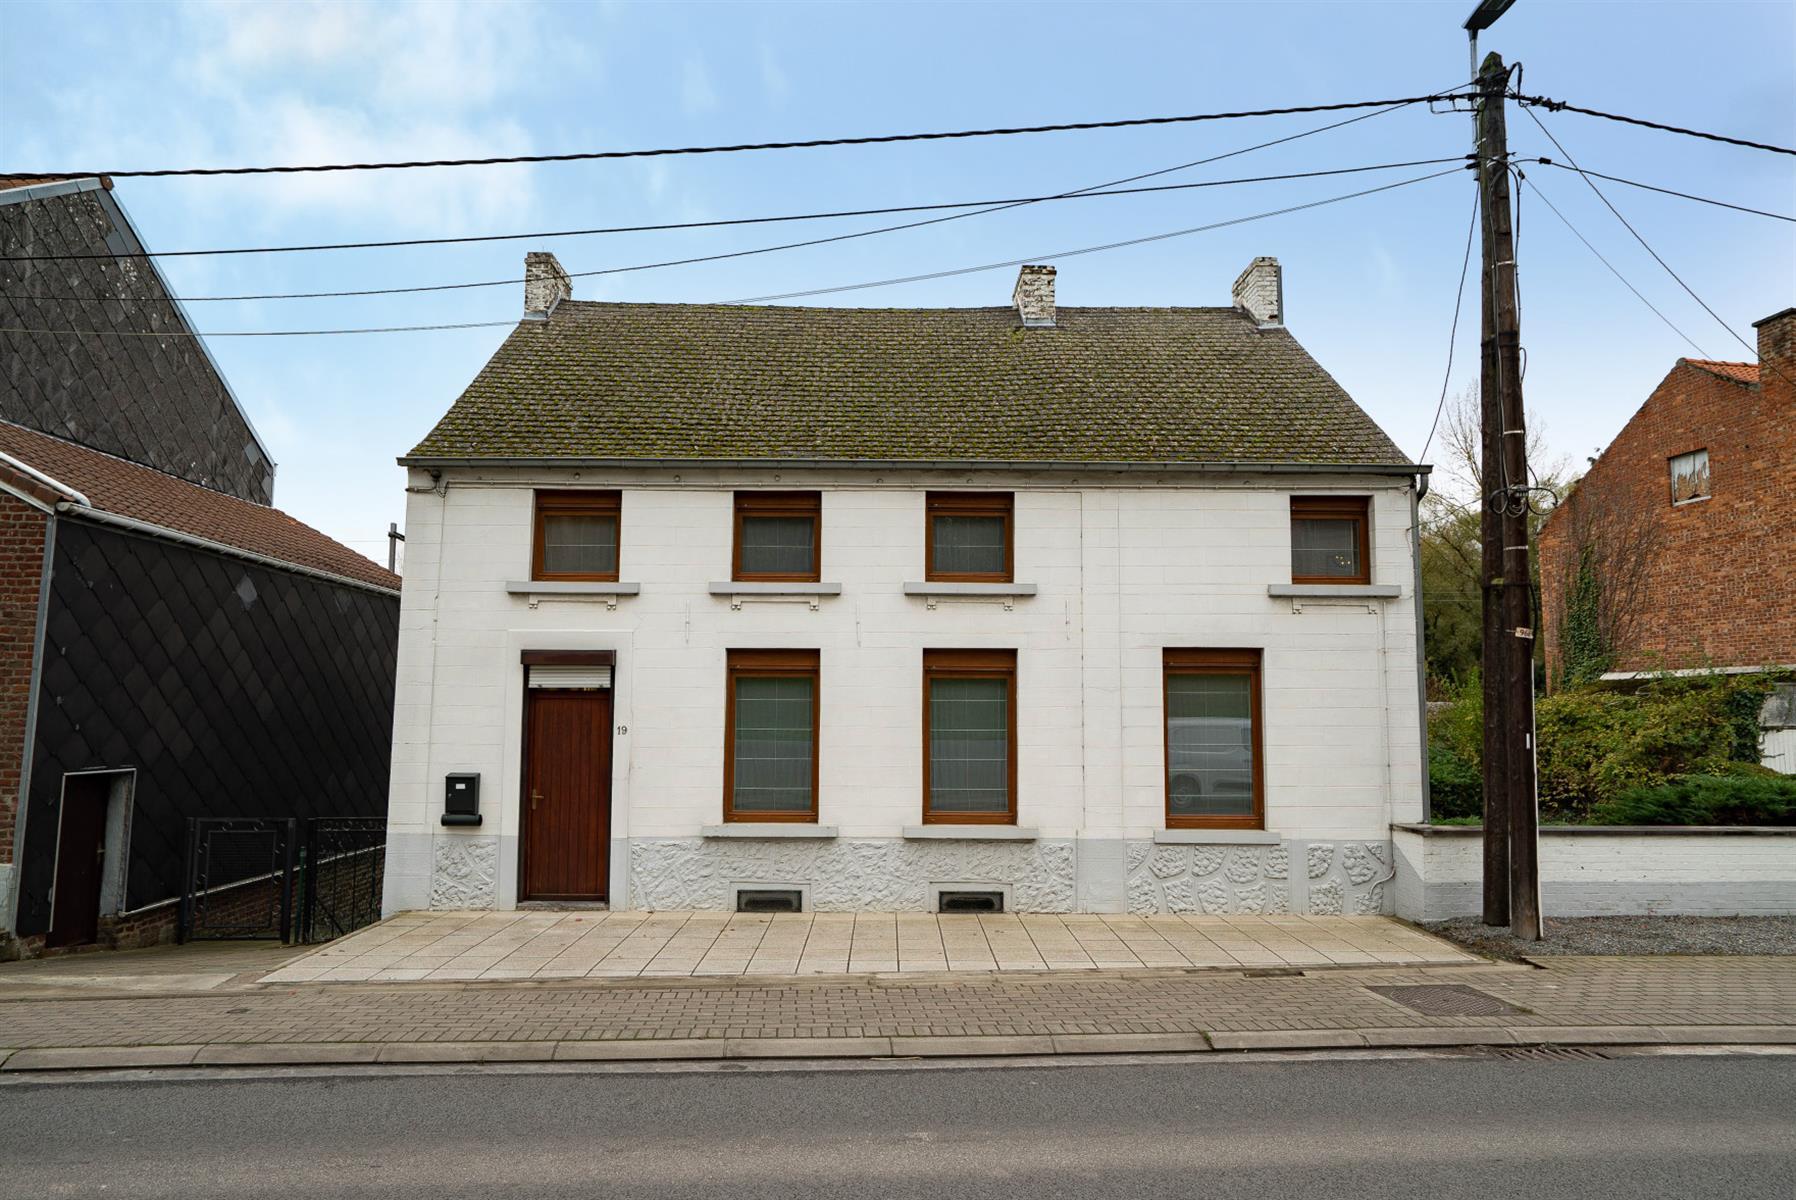 Maison - Court-saint-Étienne - #4190664-25